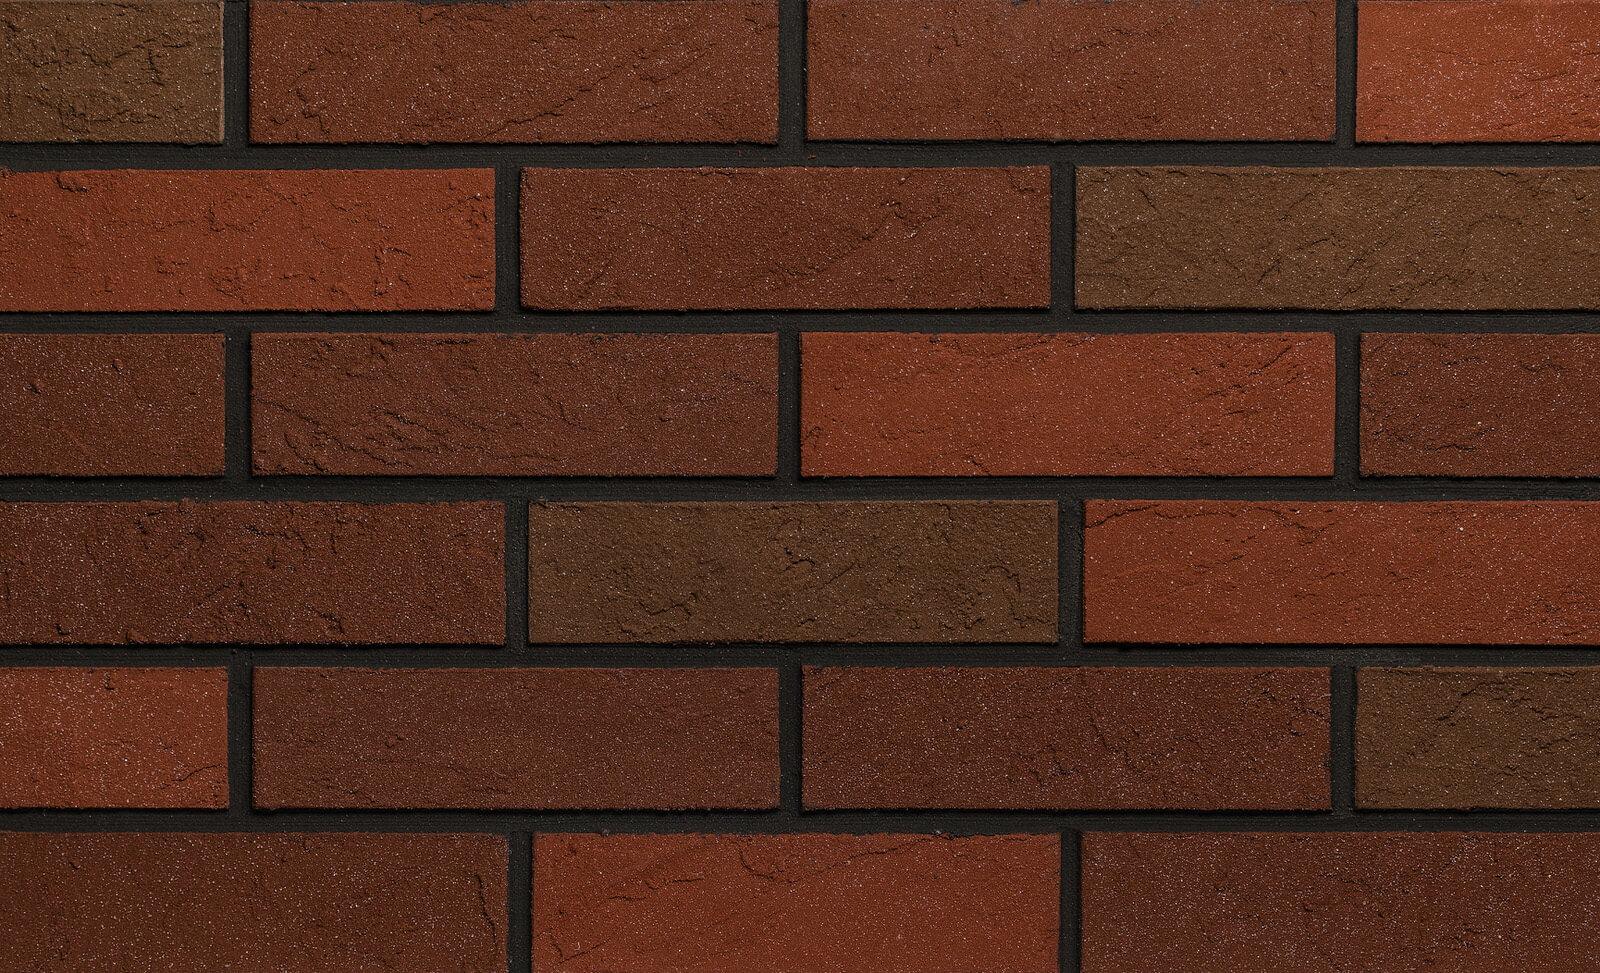 lanksčios fasadinės plytelės, rudas klinkeris